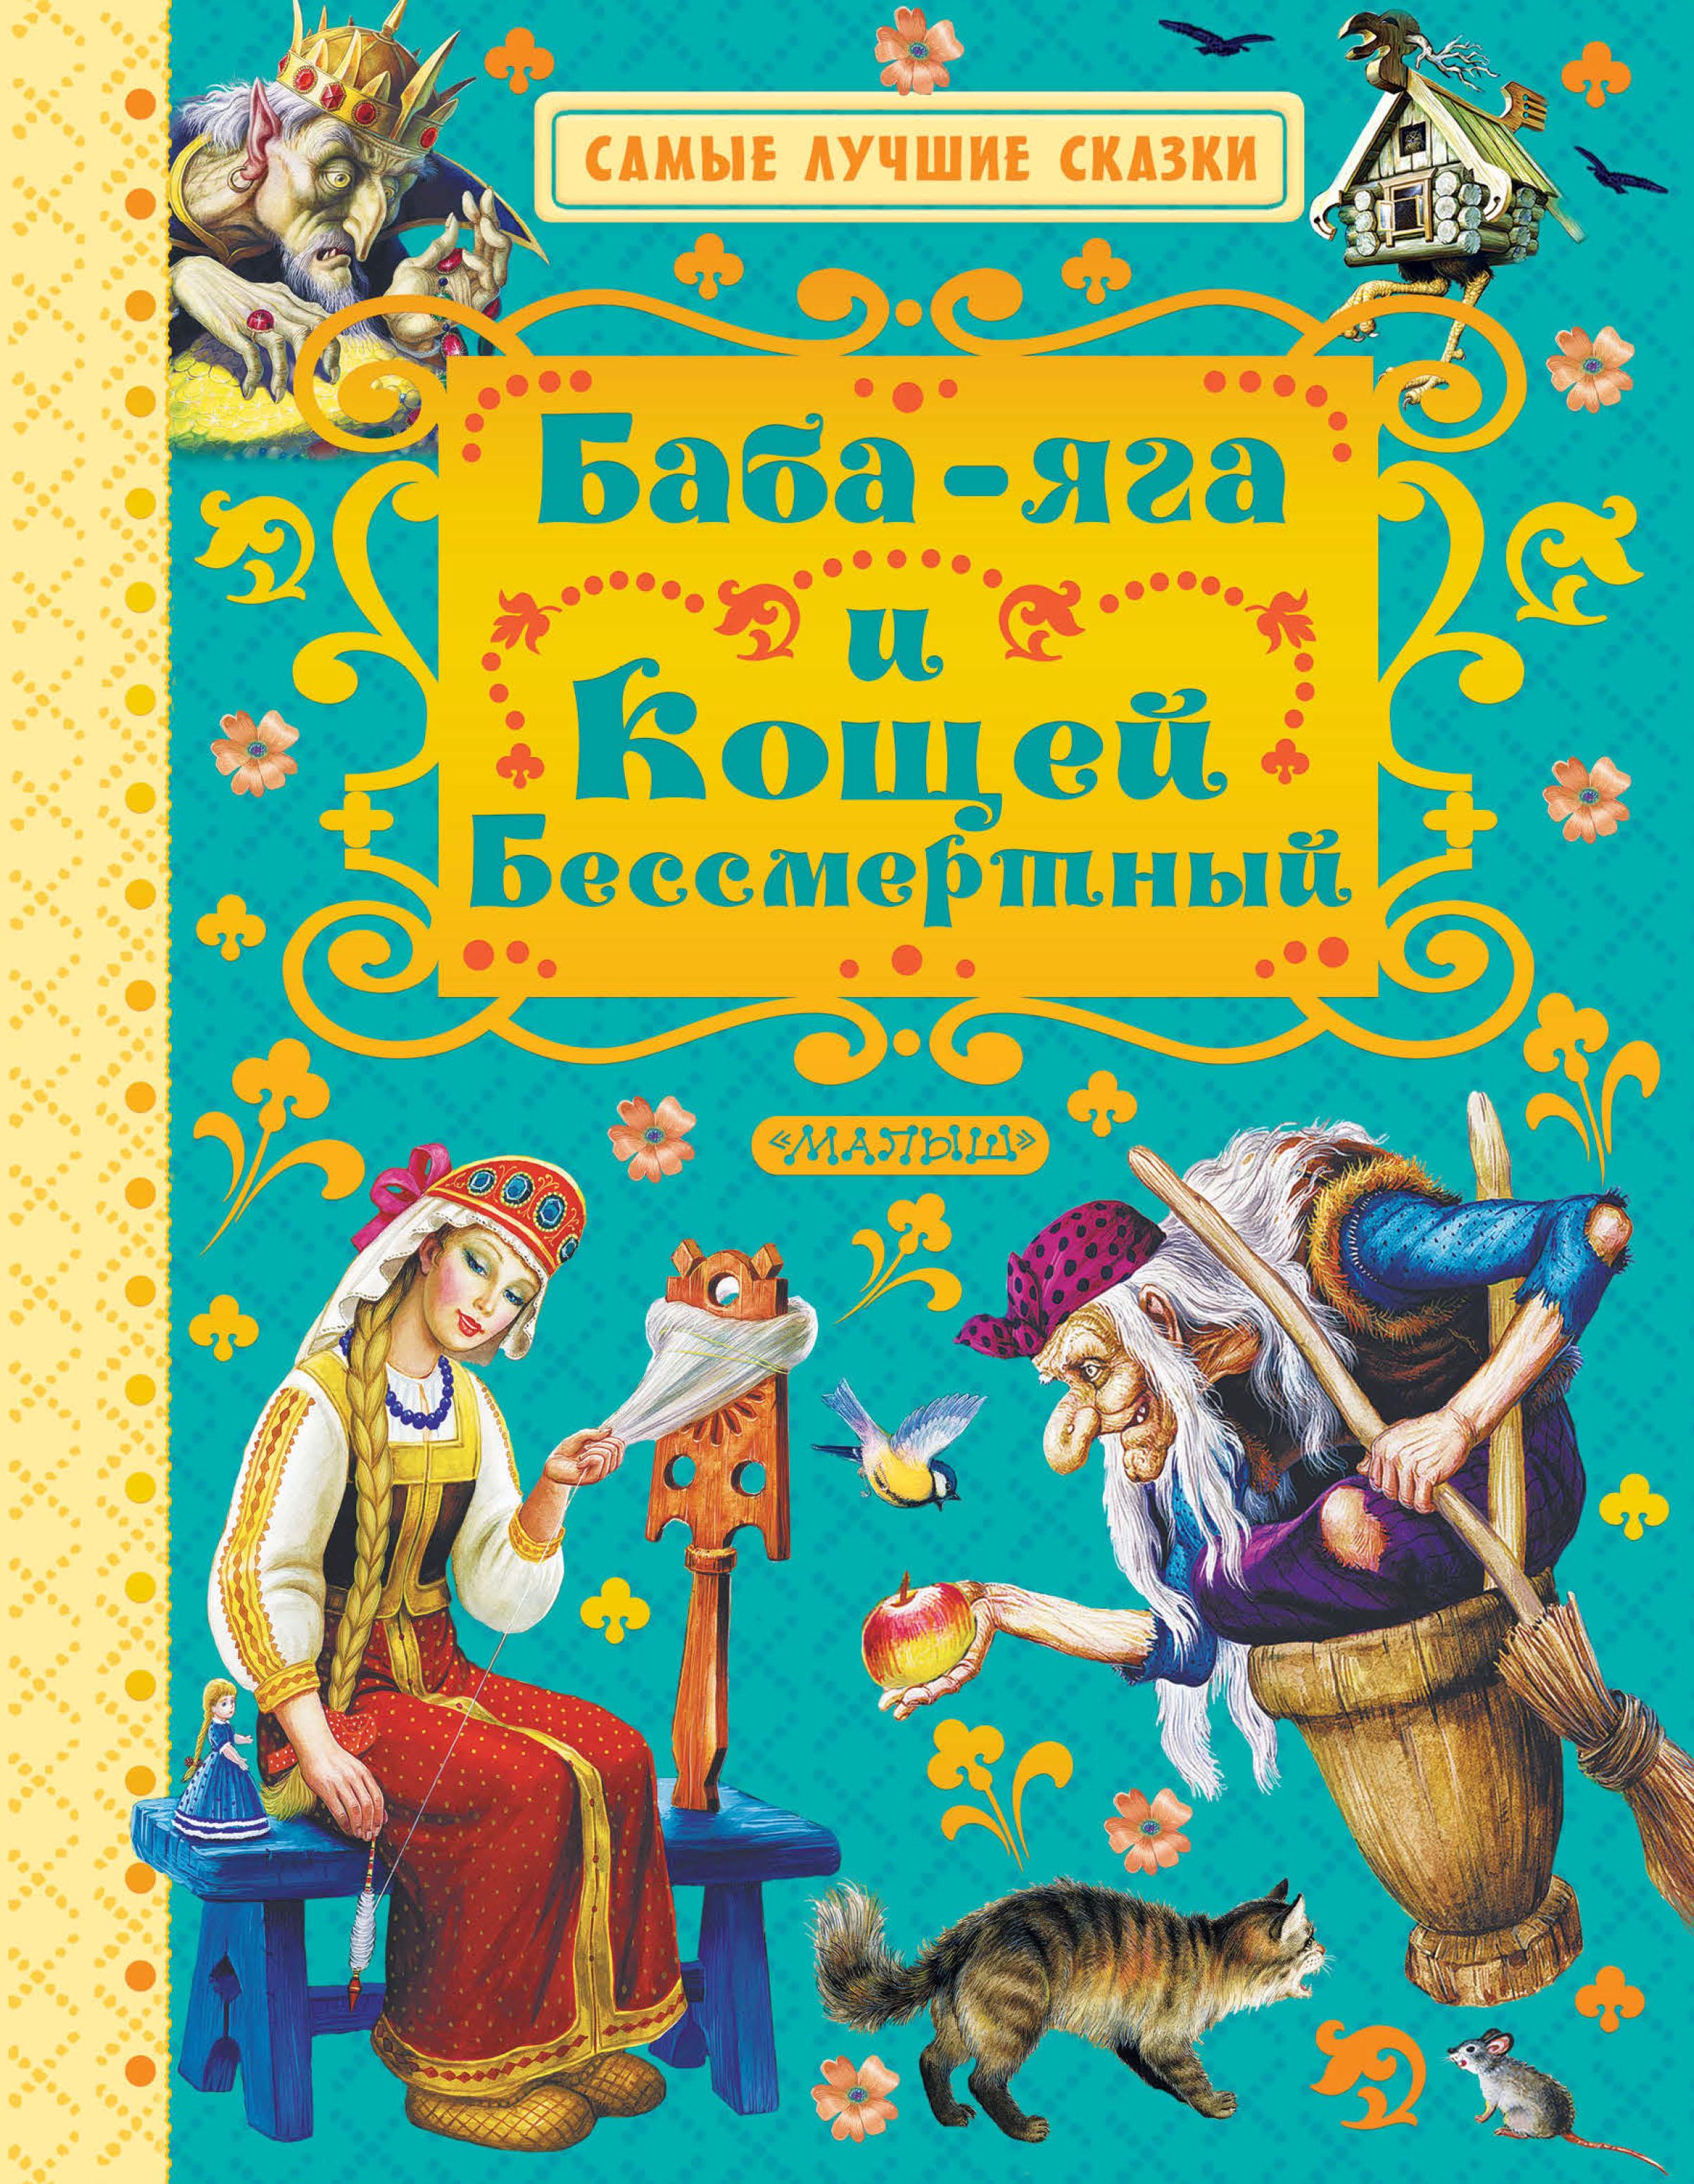 Народное творчество Баба-яга и Кощей Бессмертный баба яга и другие сказки